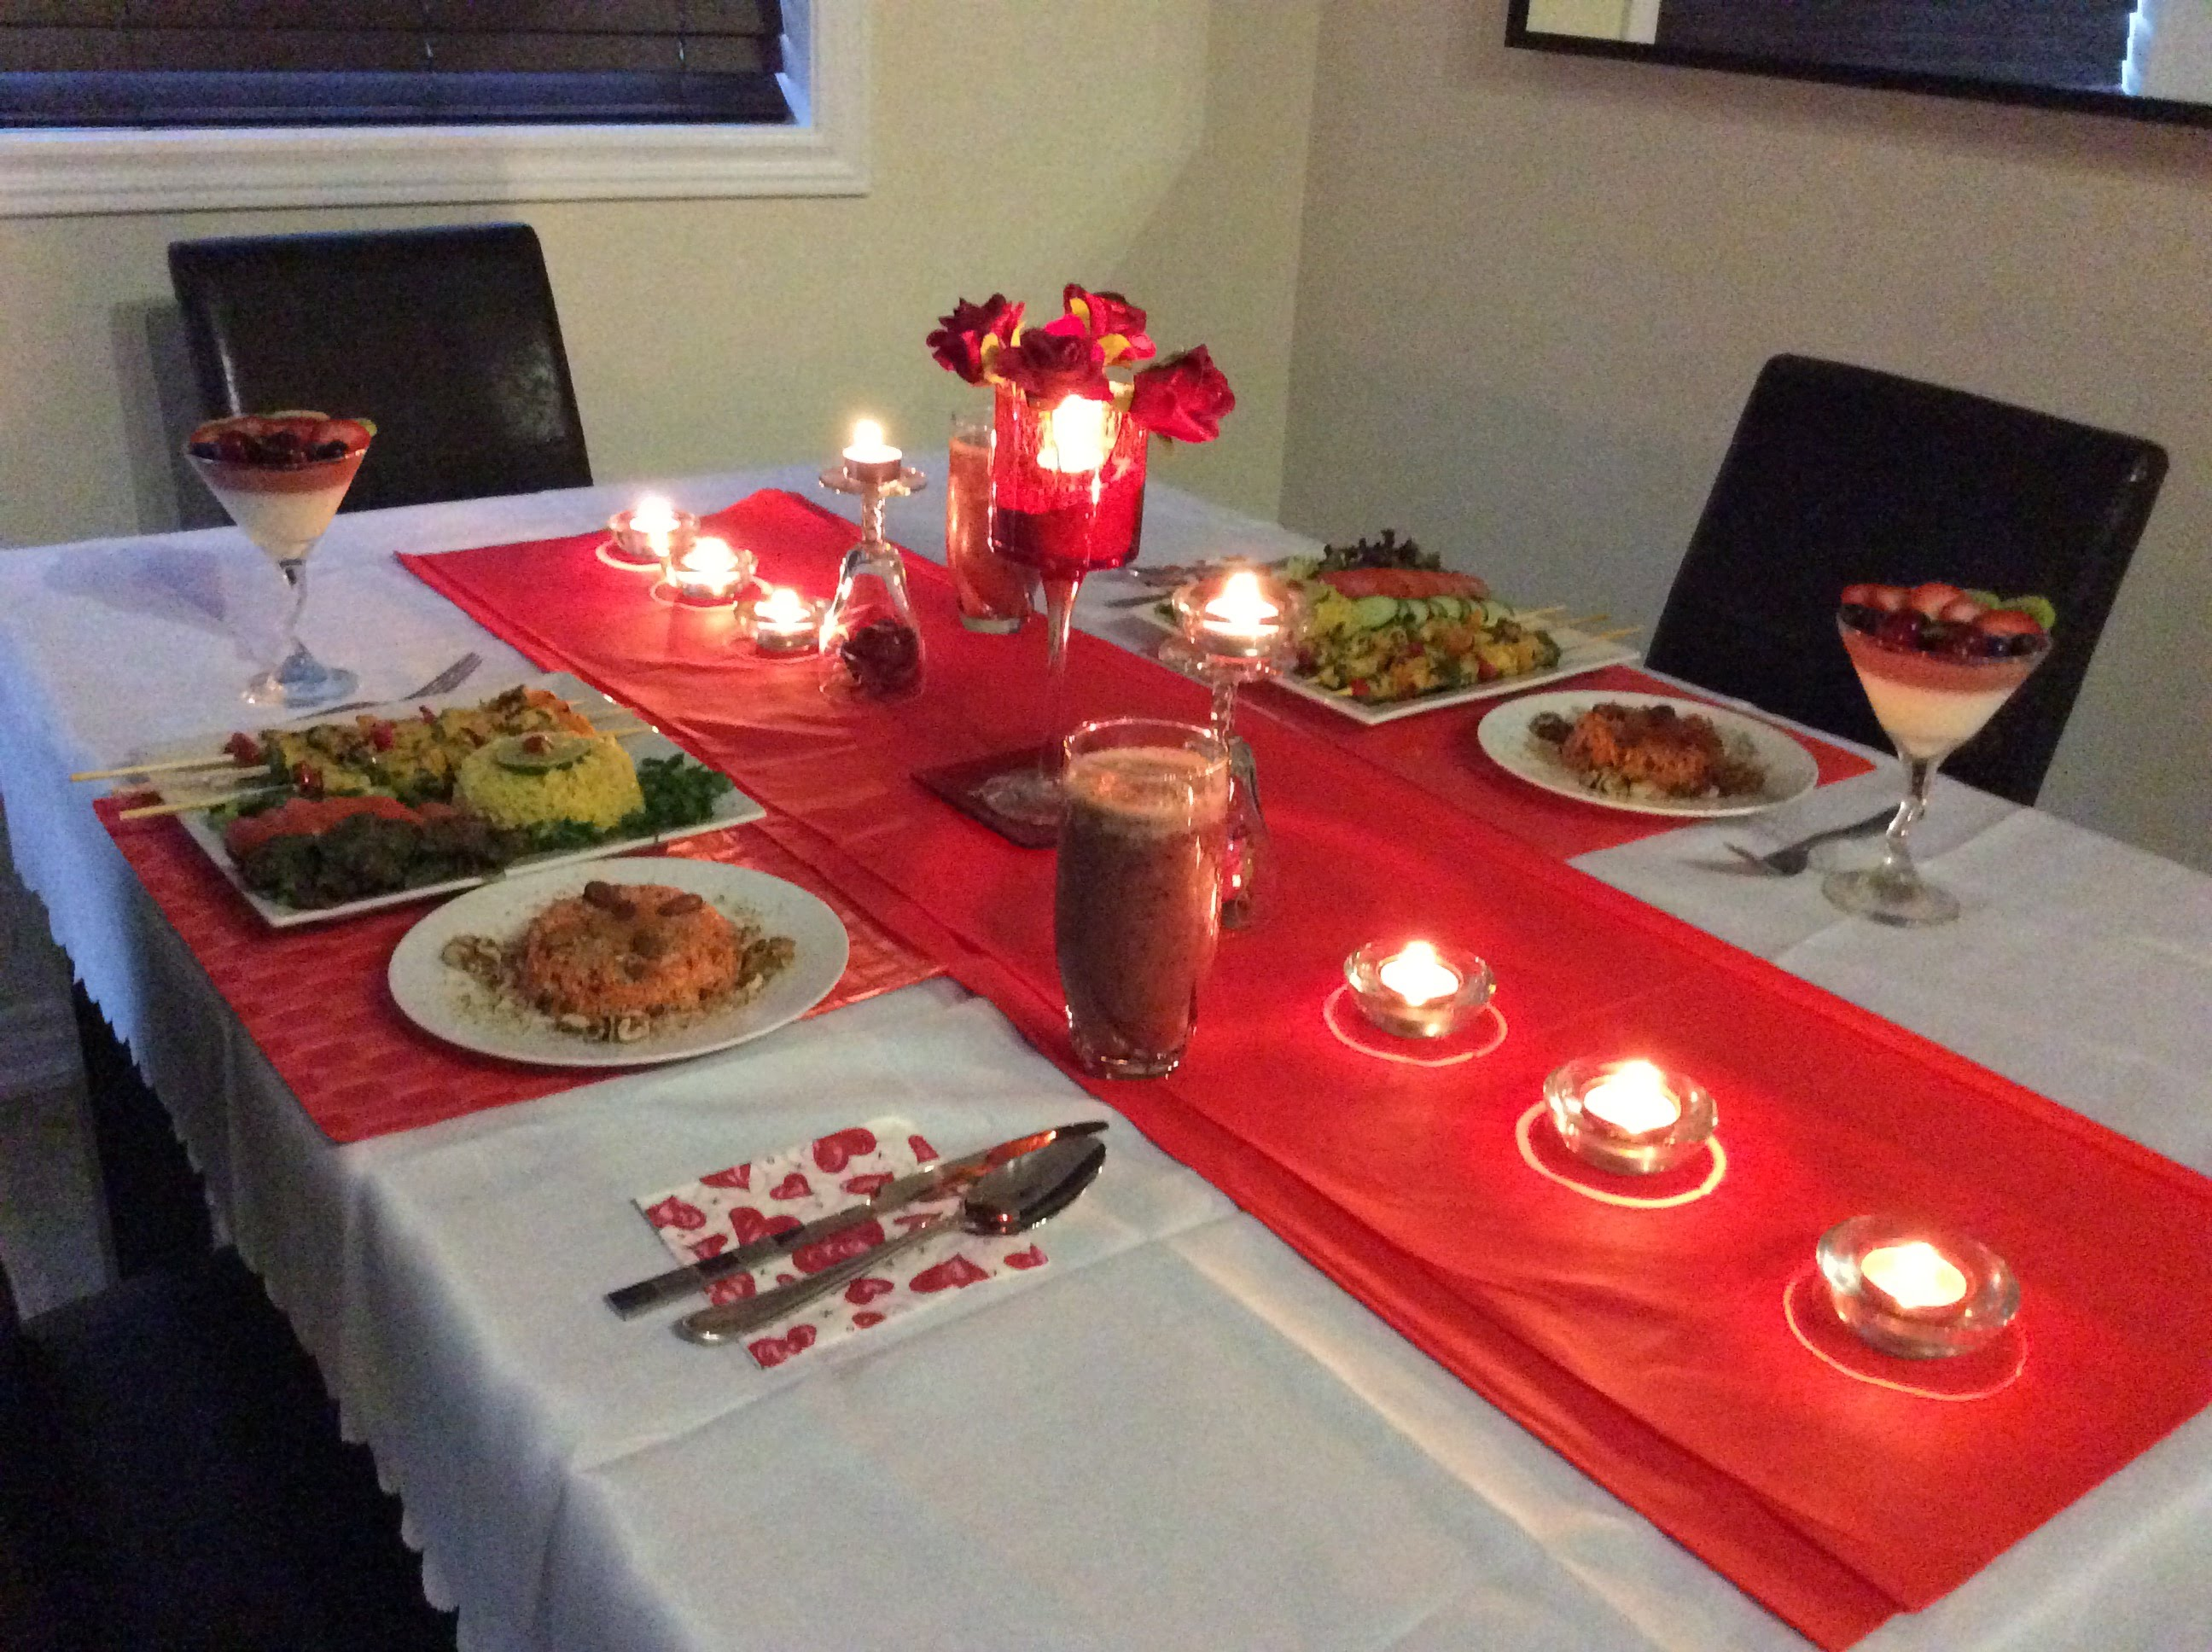 بالصور عشاء رومانسي في البيت , اروع عشاء رومانتيكي بين الزوجين 6711 2